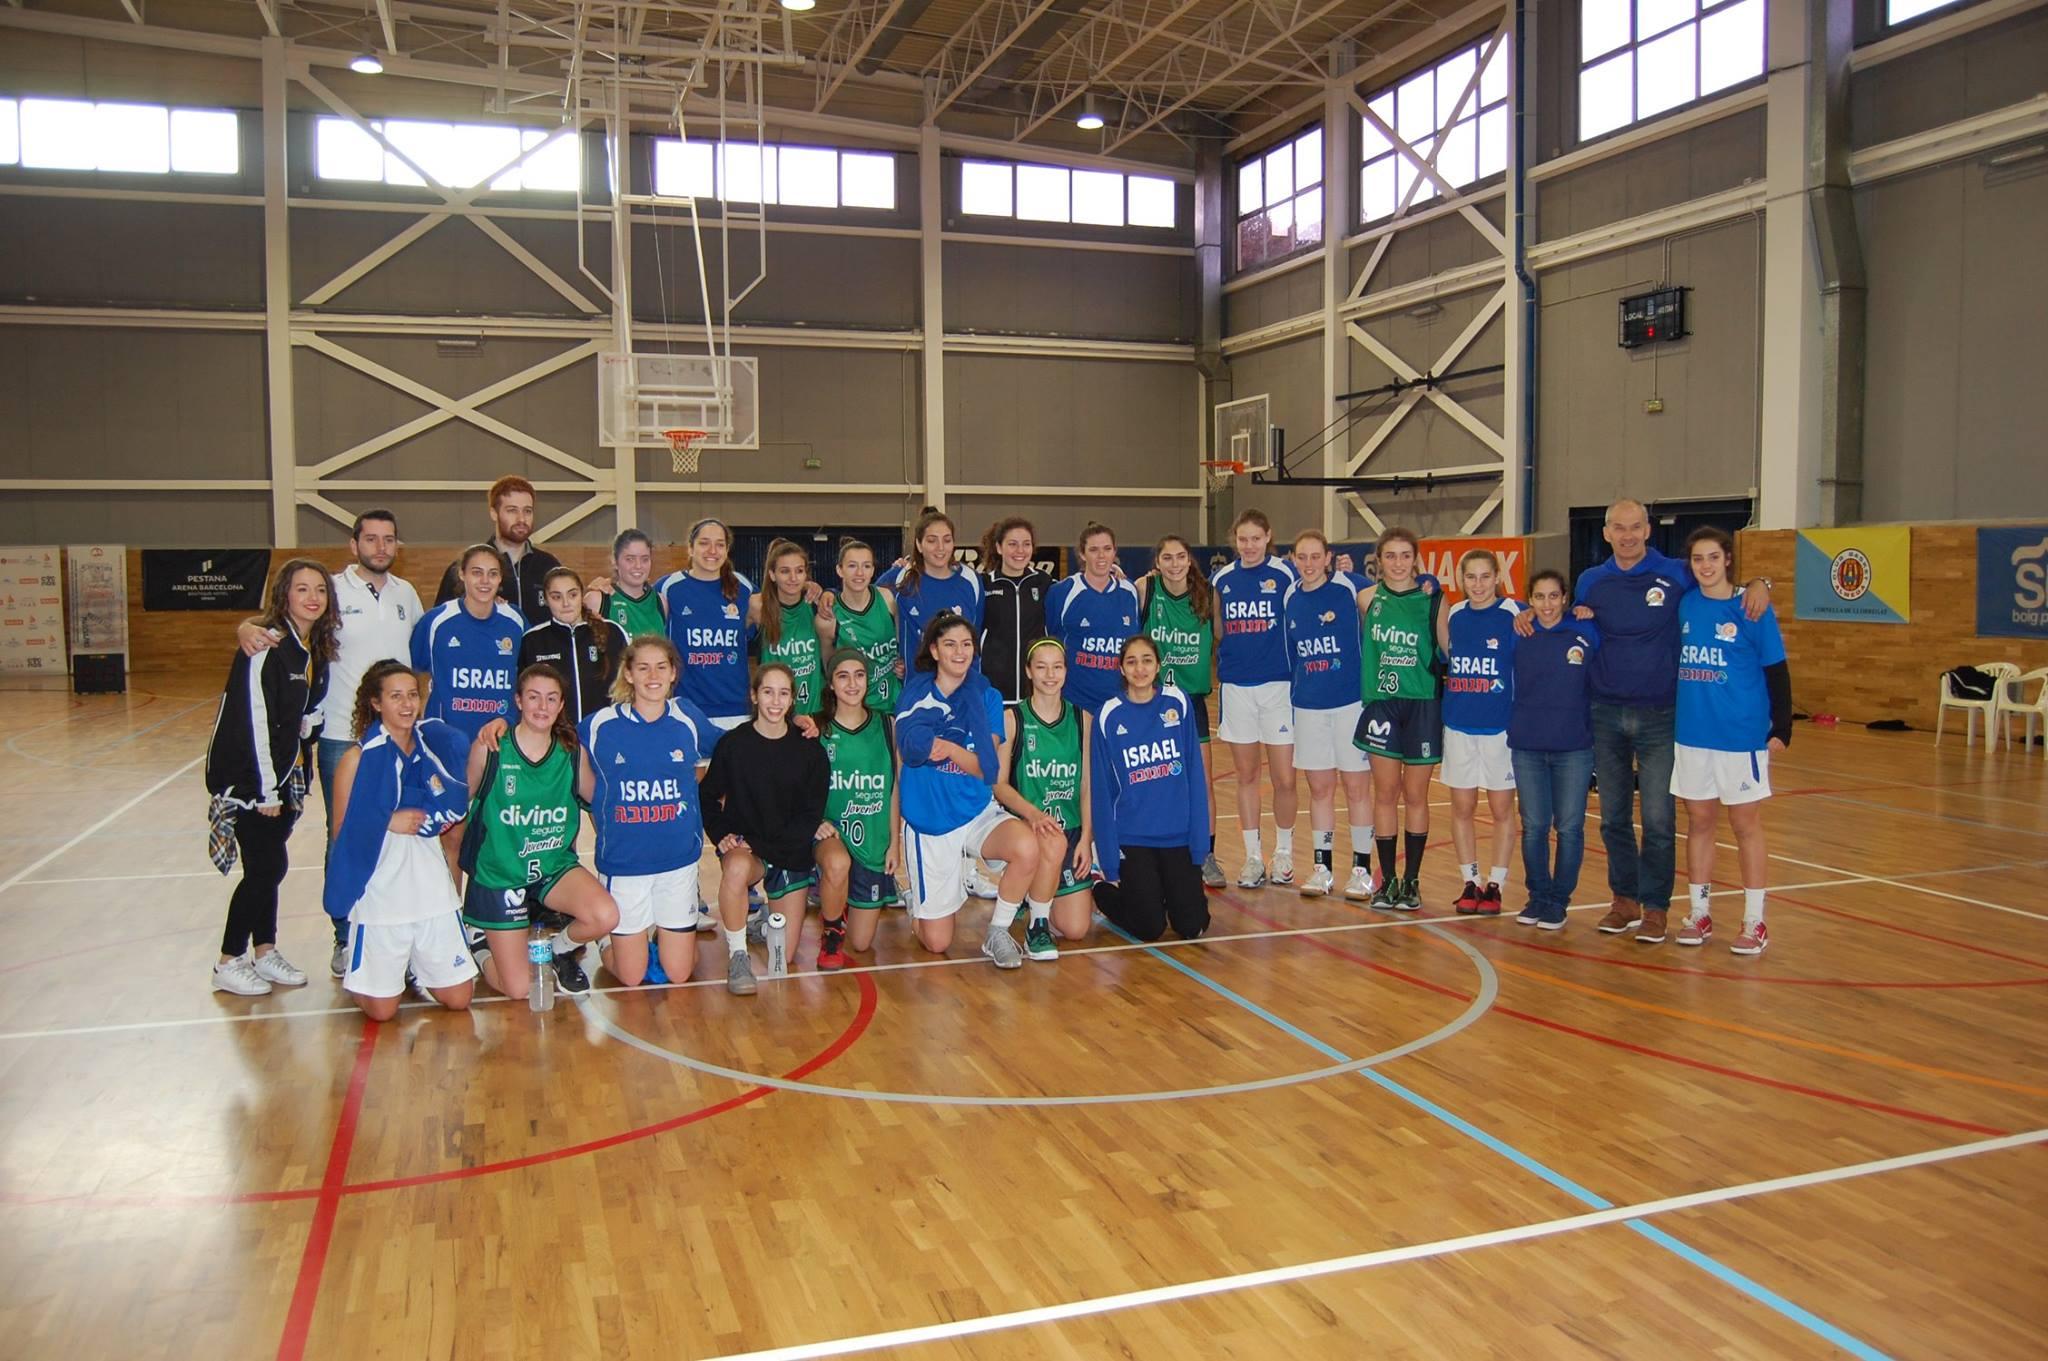 Israel Basketball Asociation vs Joventut Badalona